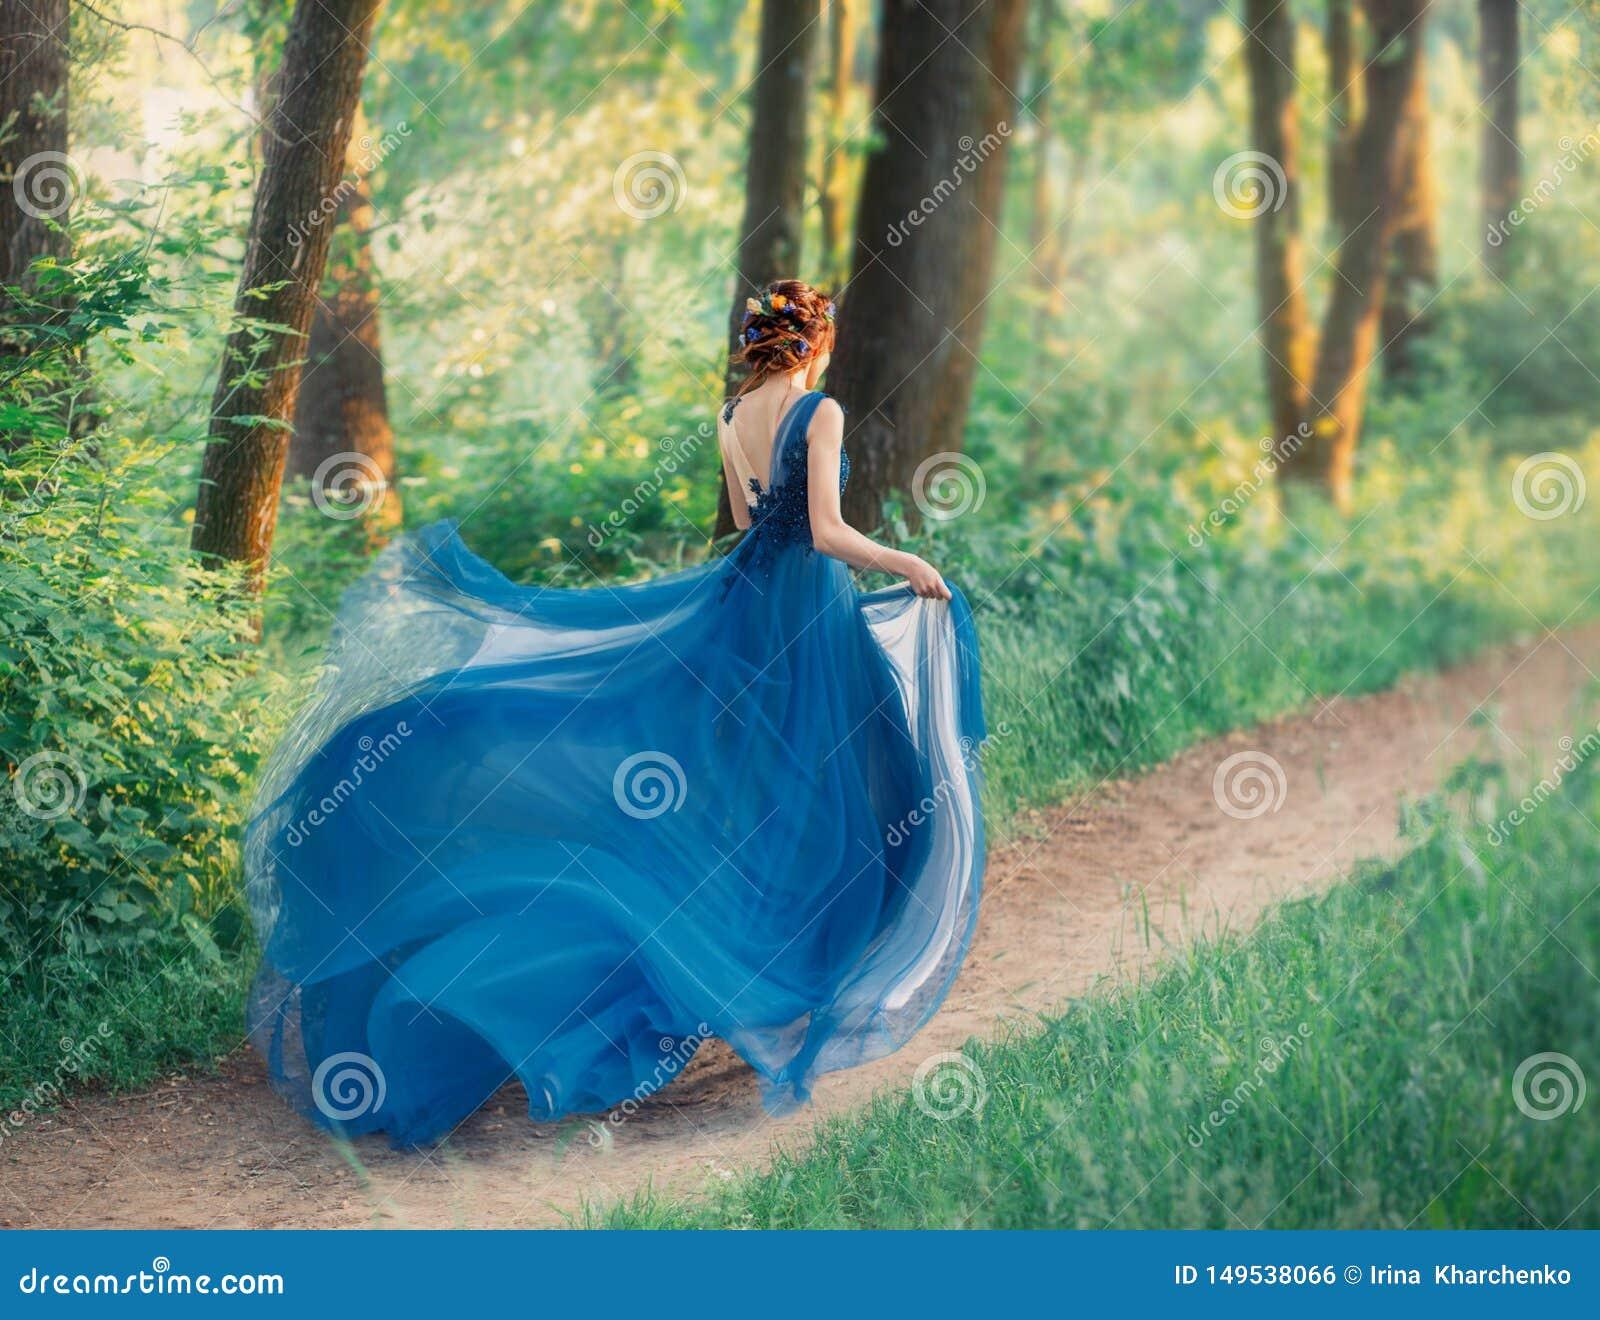 Den mystiska flickan med r?tt fl?tat h?r k?r av fr?n kunglig ferie, dam i l?ng elegant bl? kl?nning med flygljus